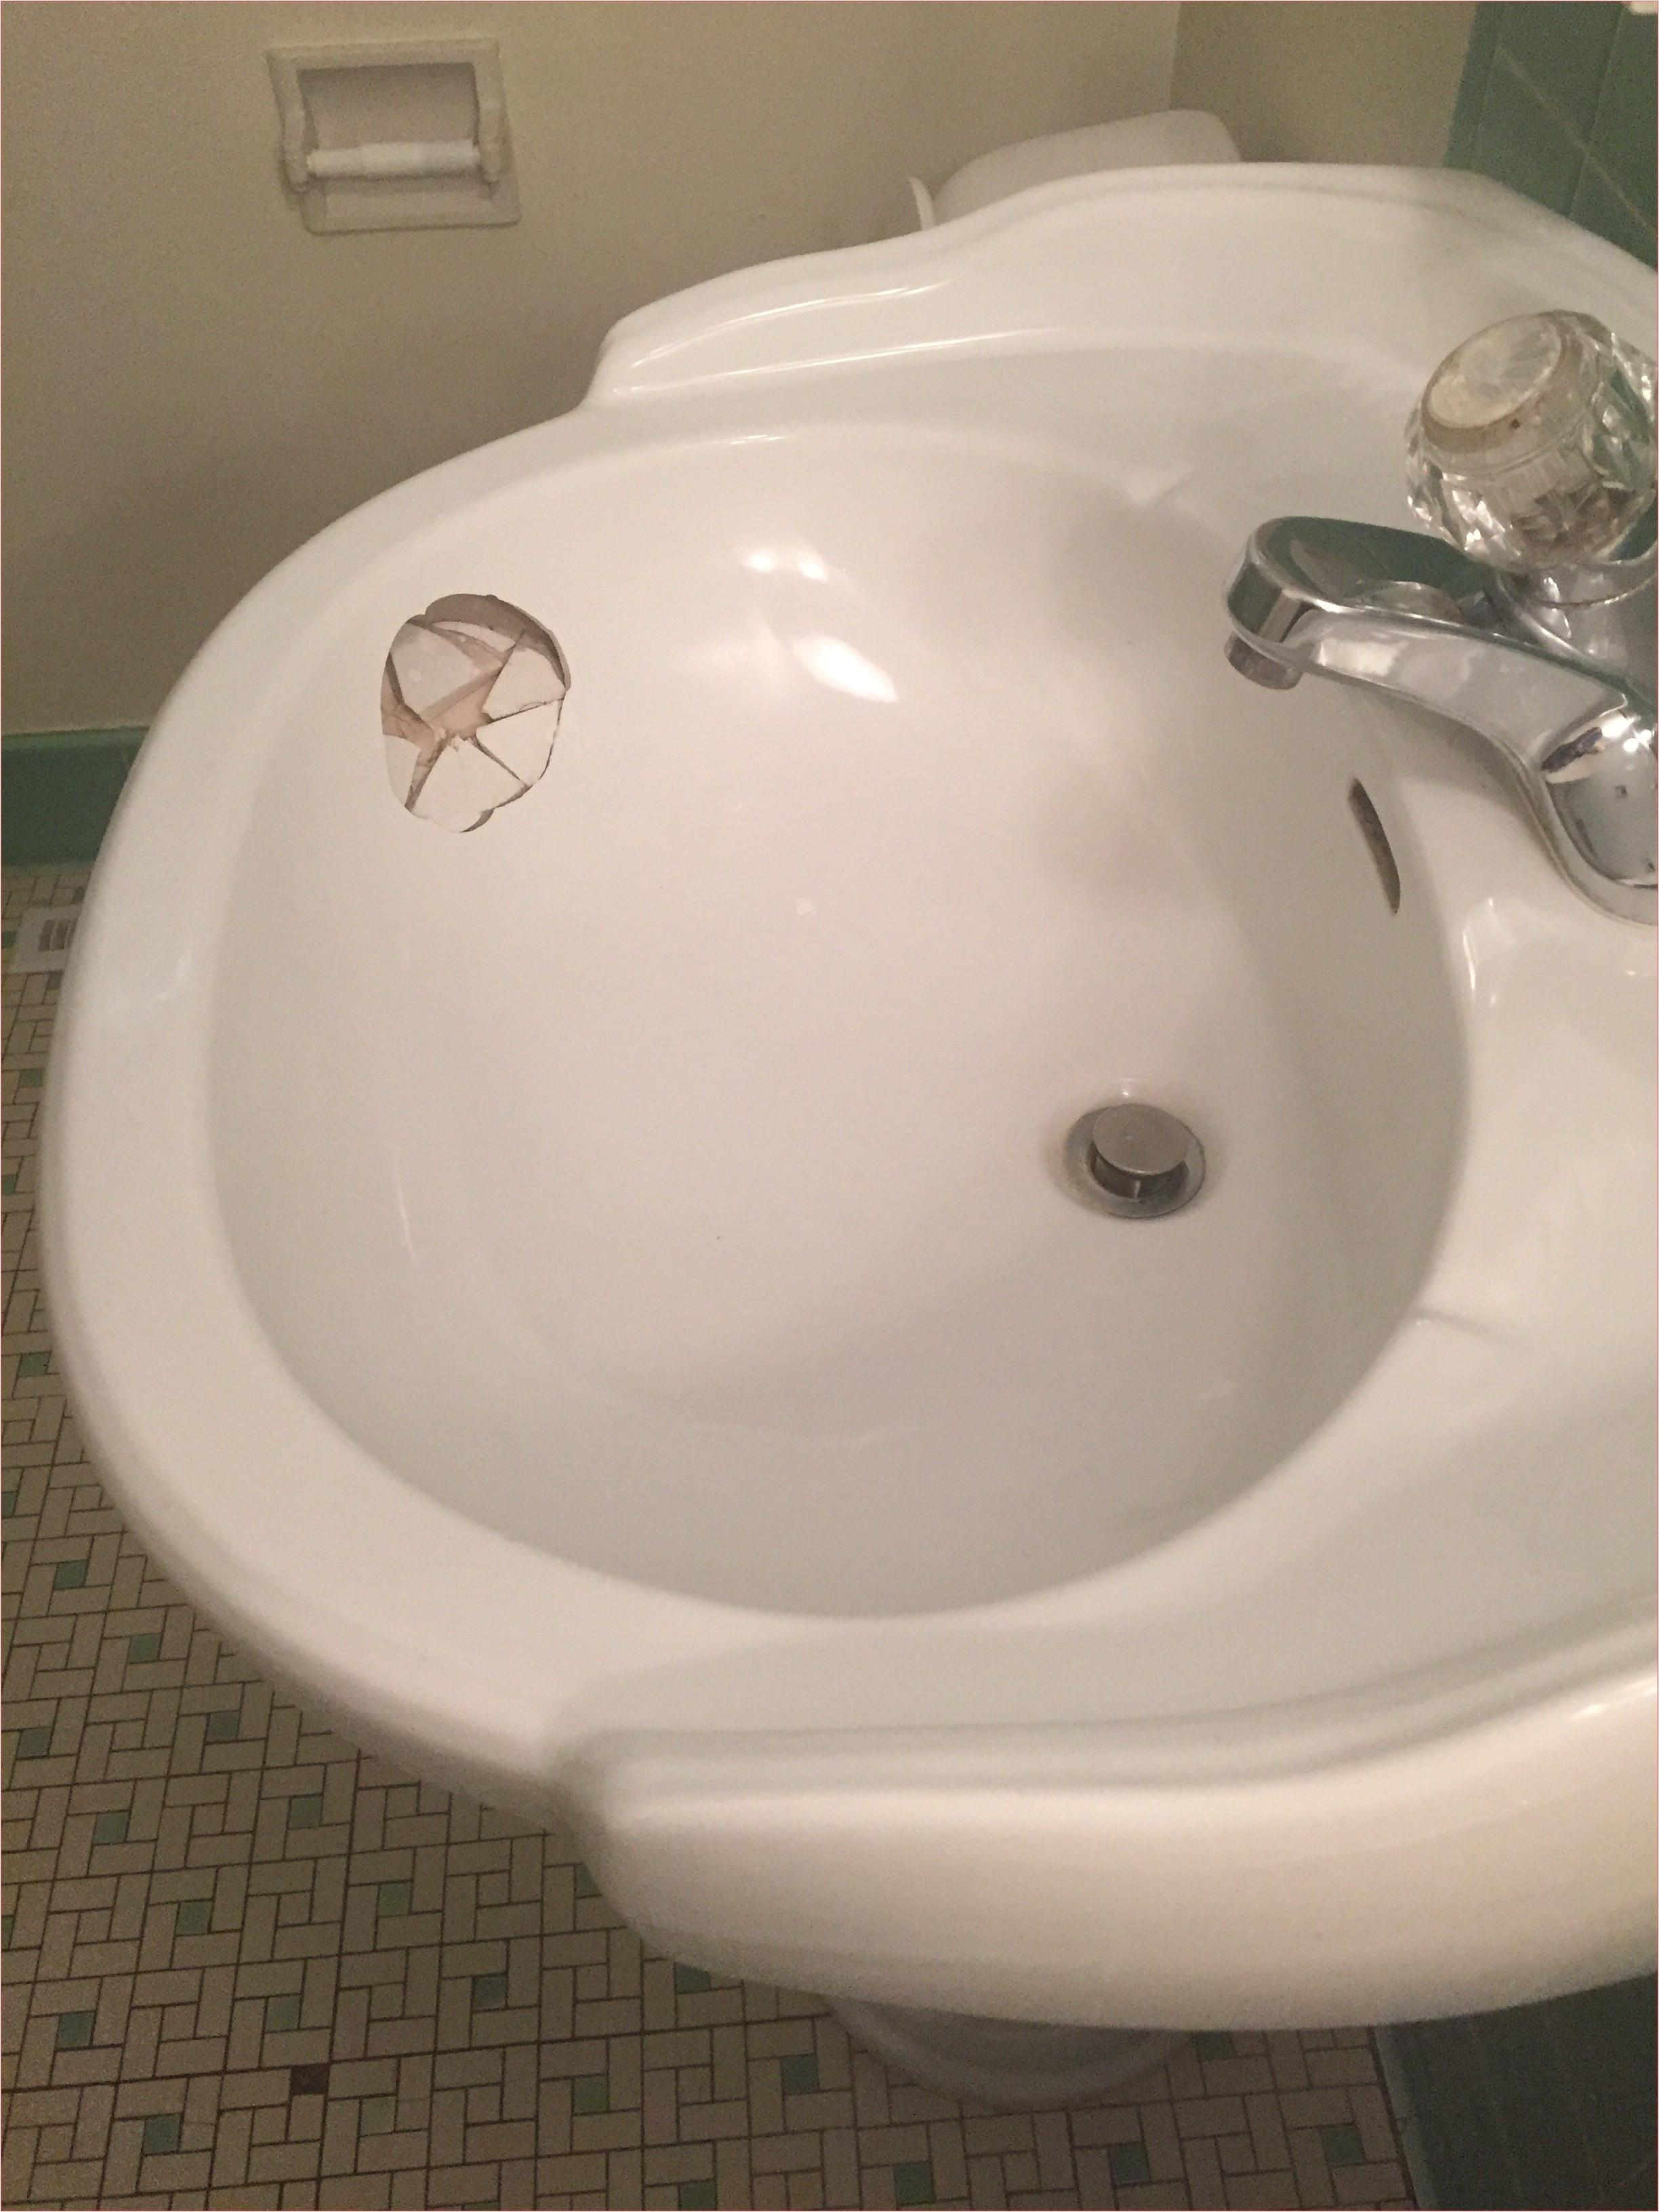 cheap bathtubs fresh h sink repair porcelain fix bathtub rust spot with beautiful cheap bathtubs